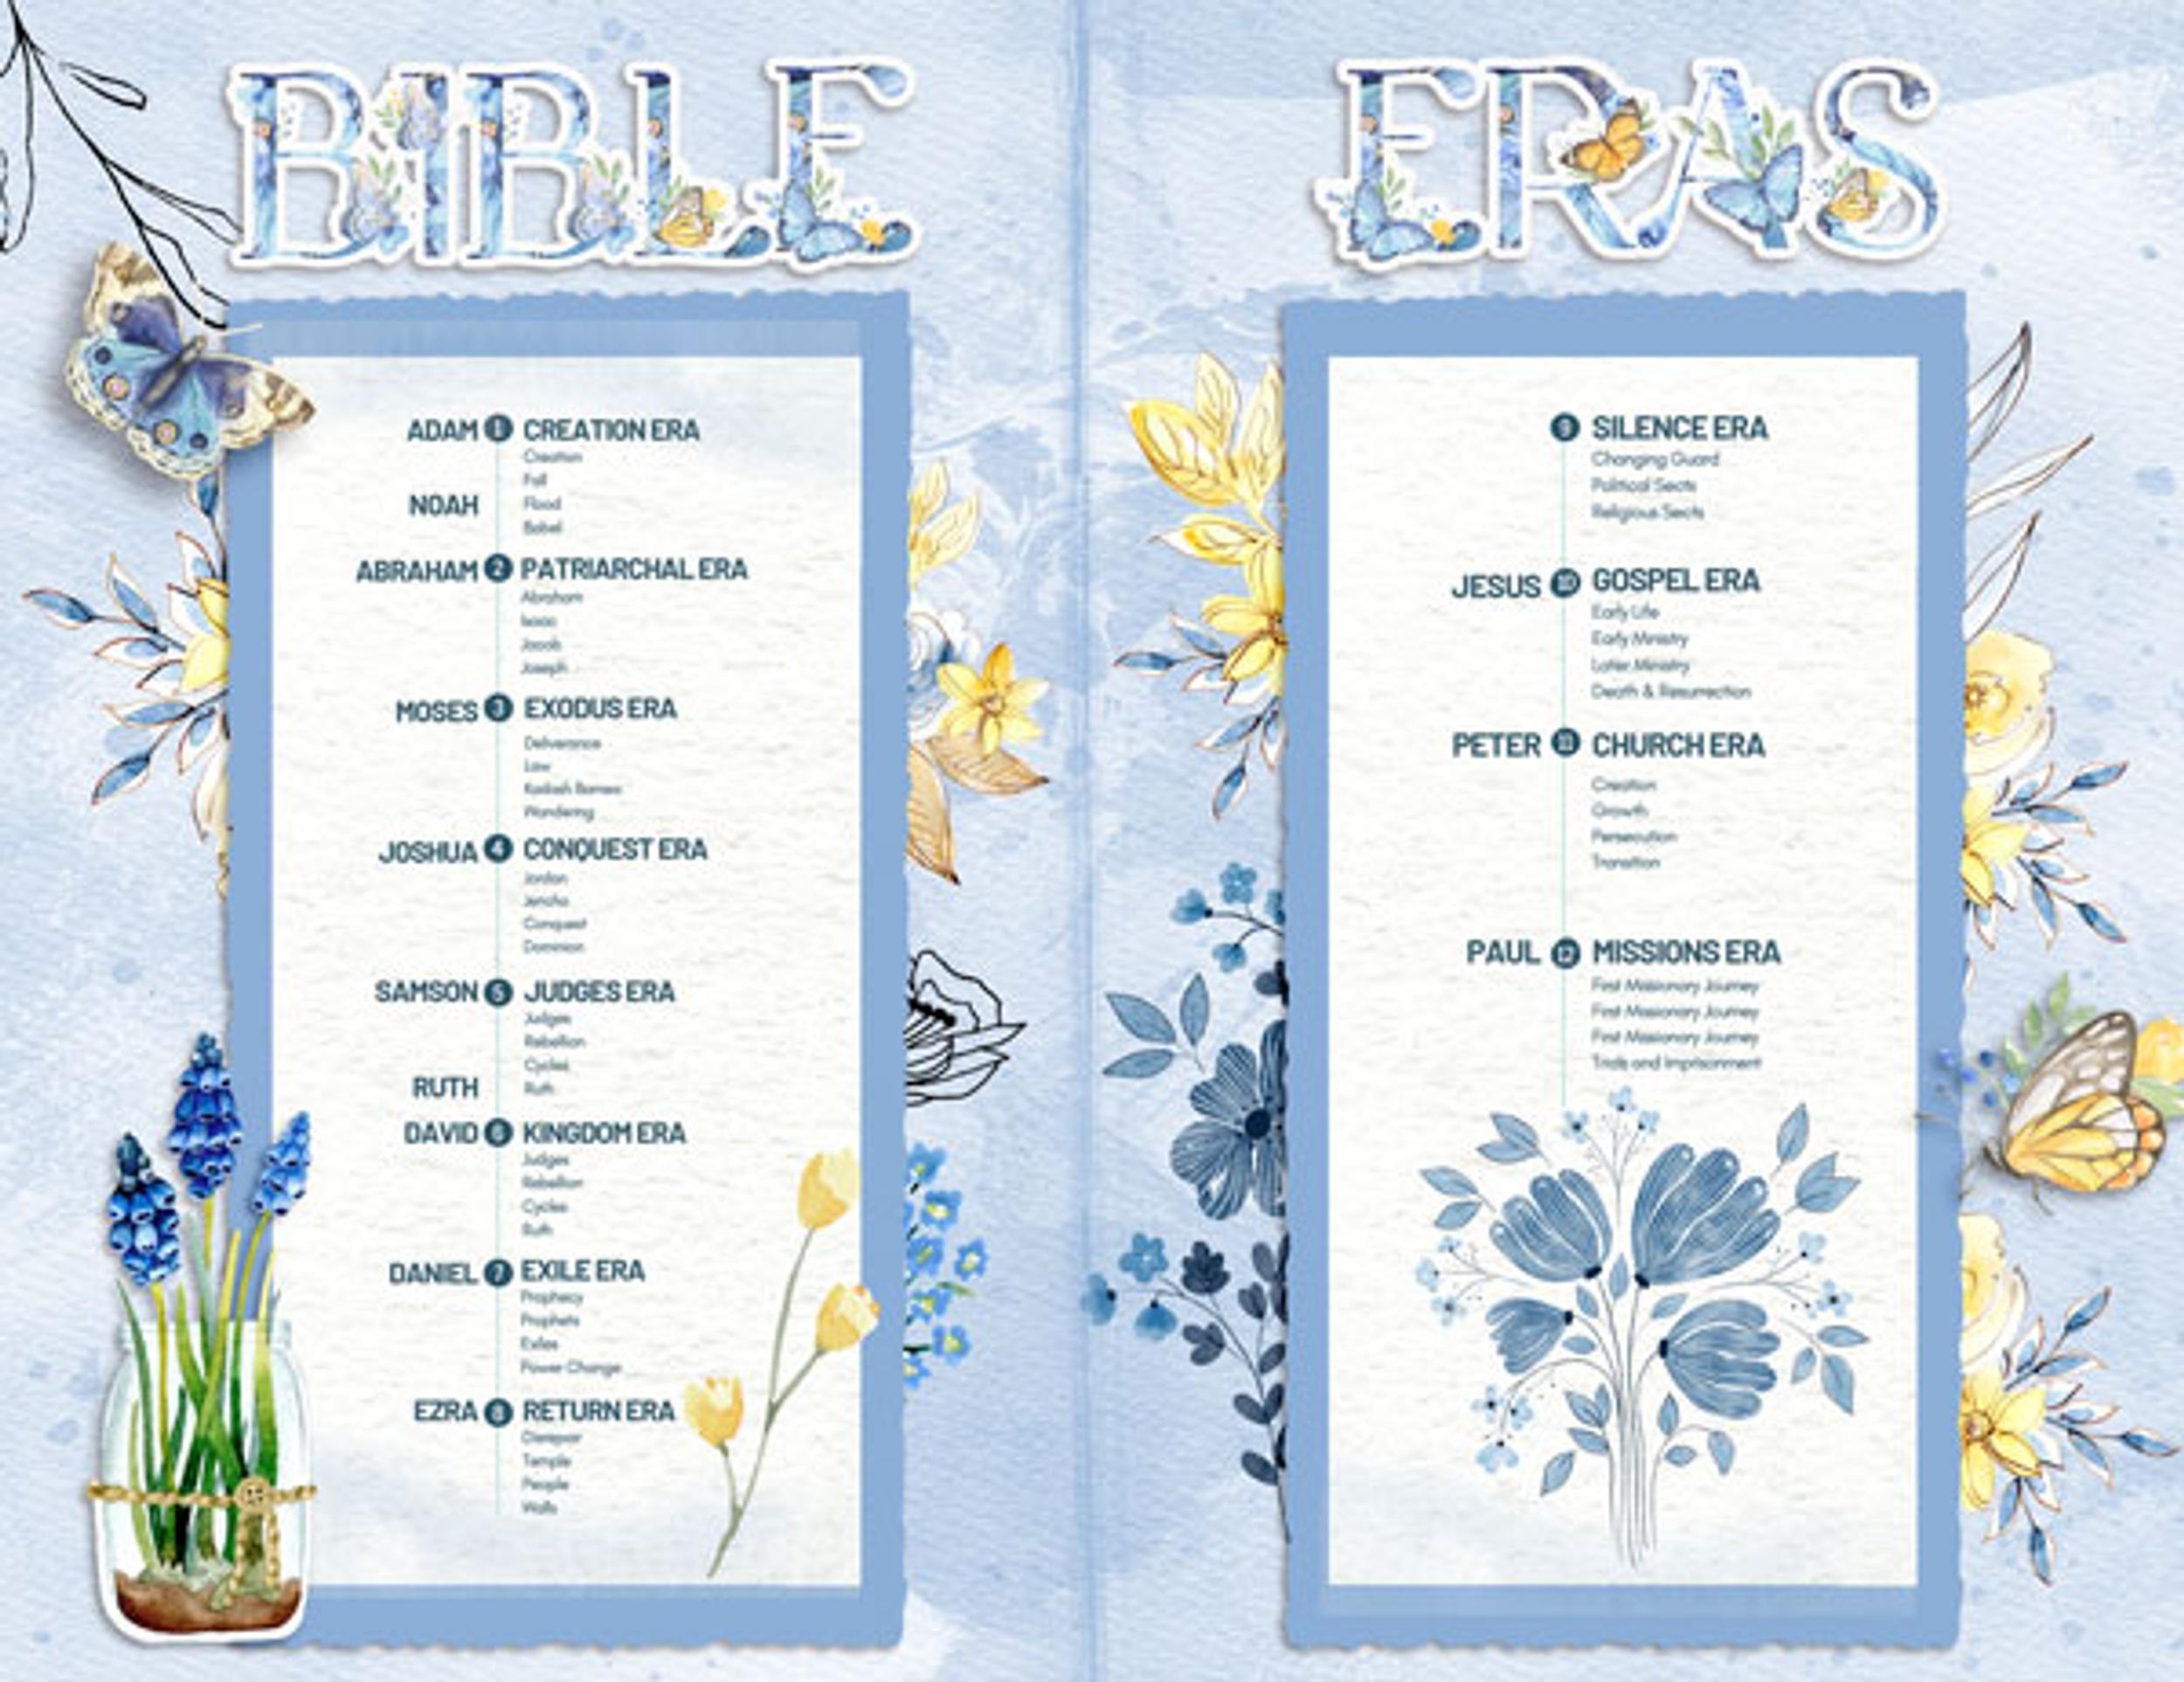 12 Bible eras